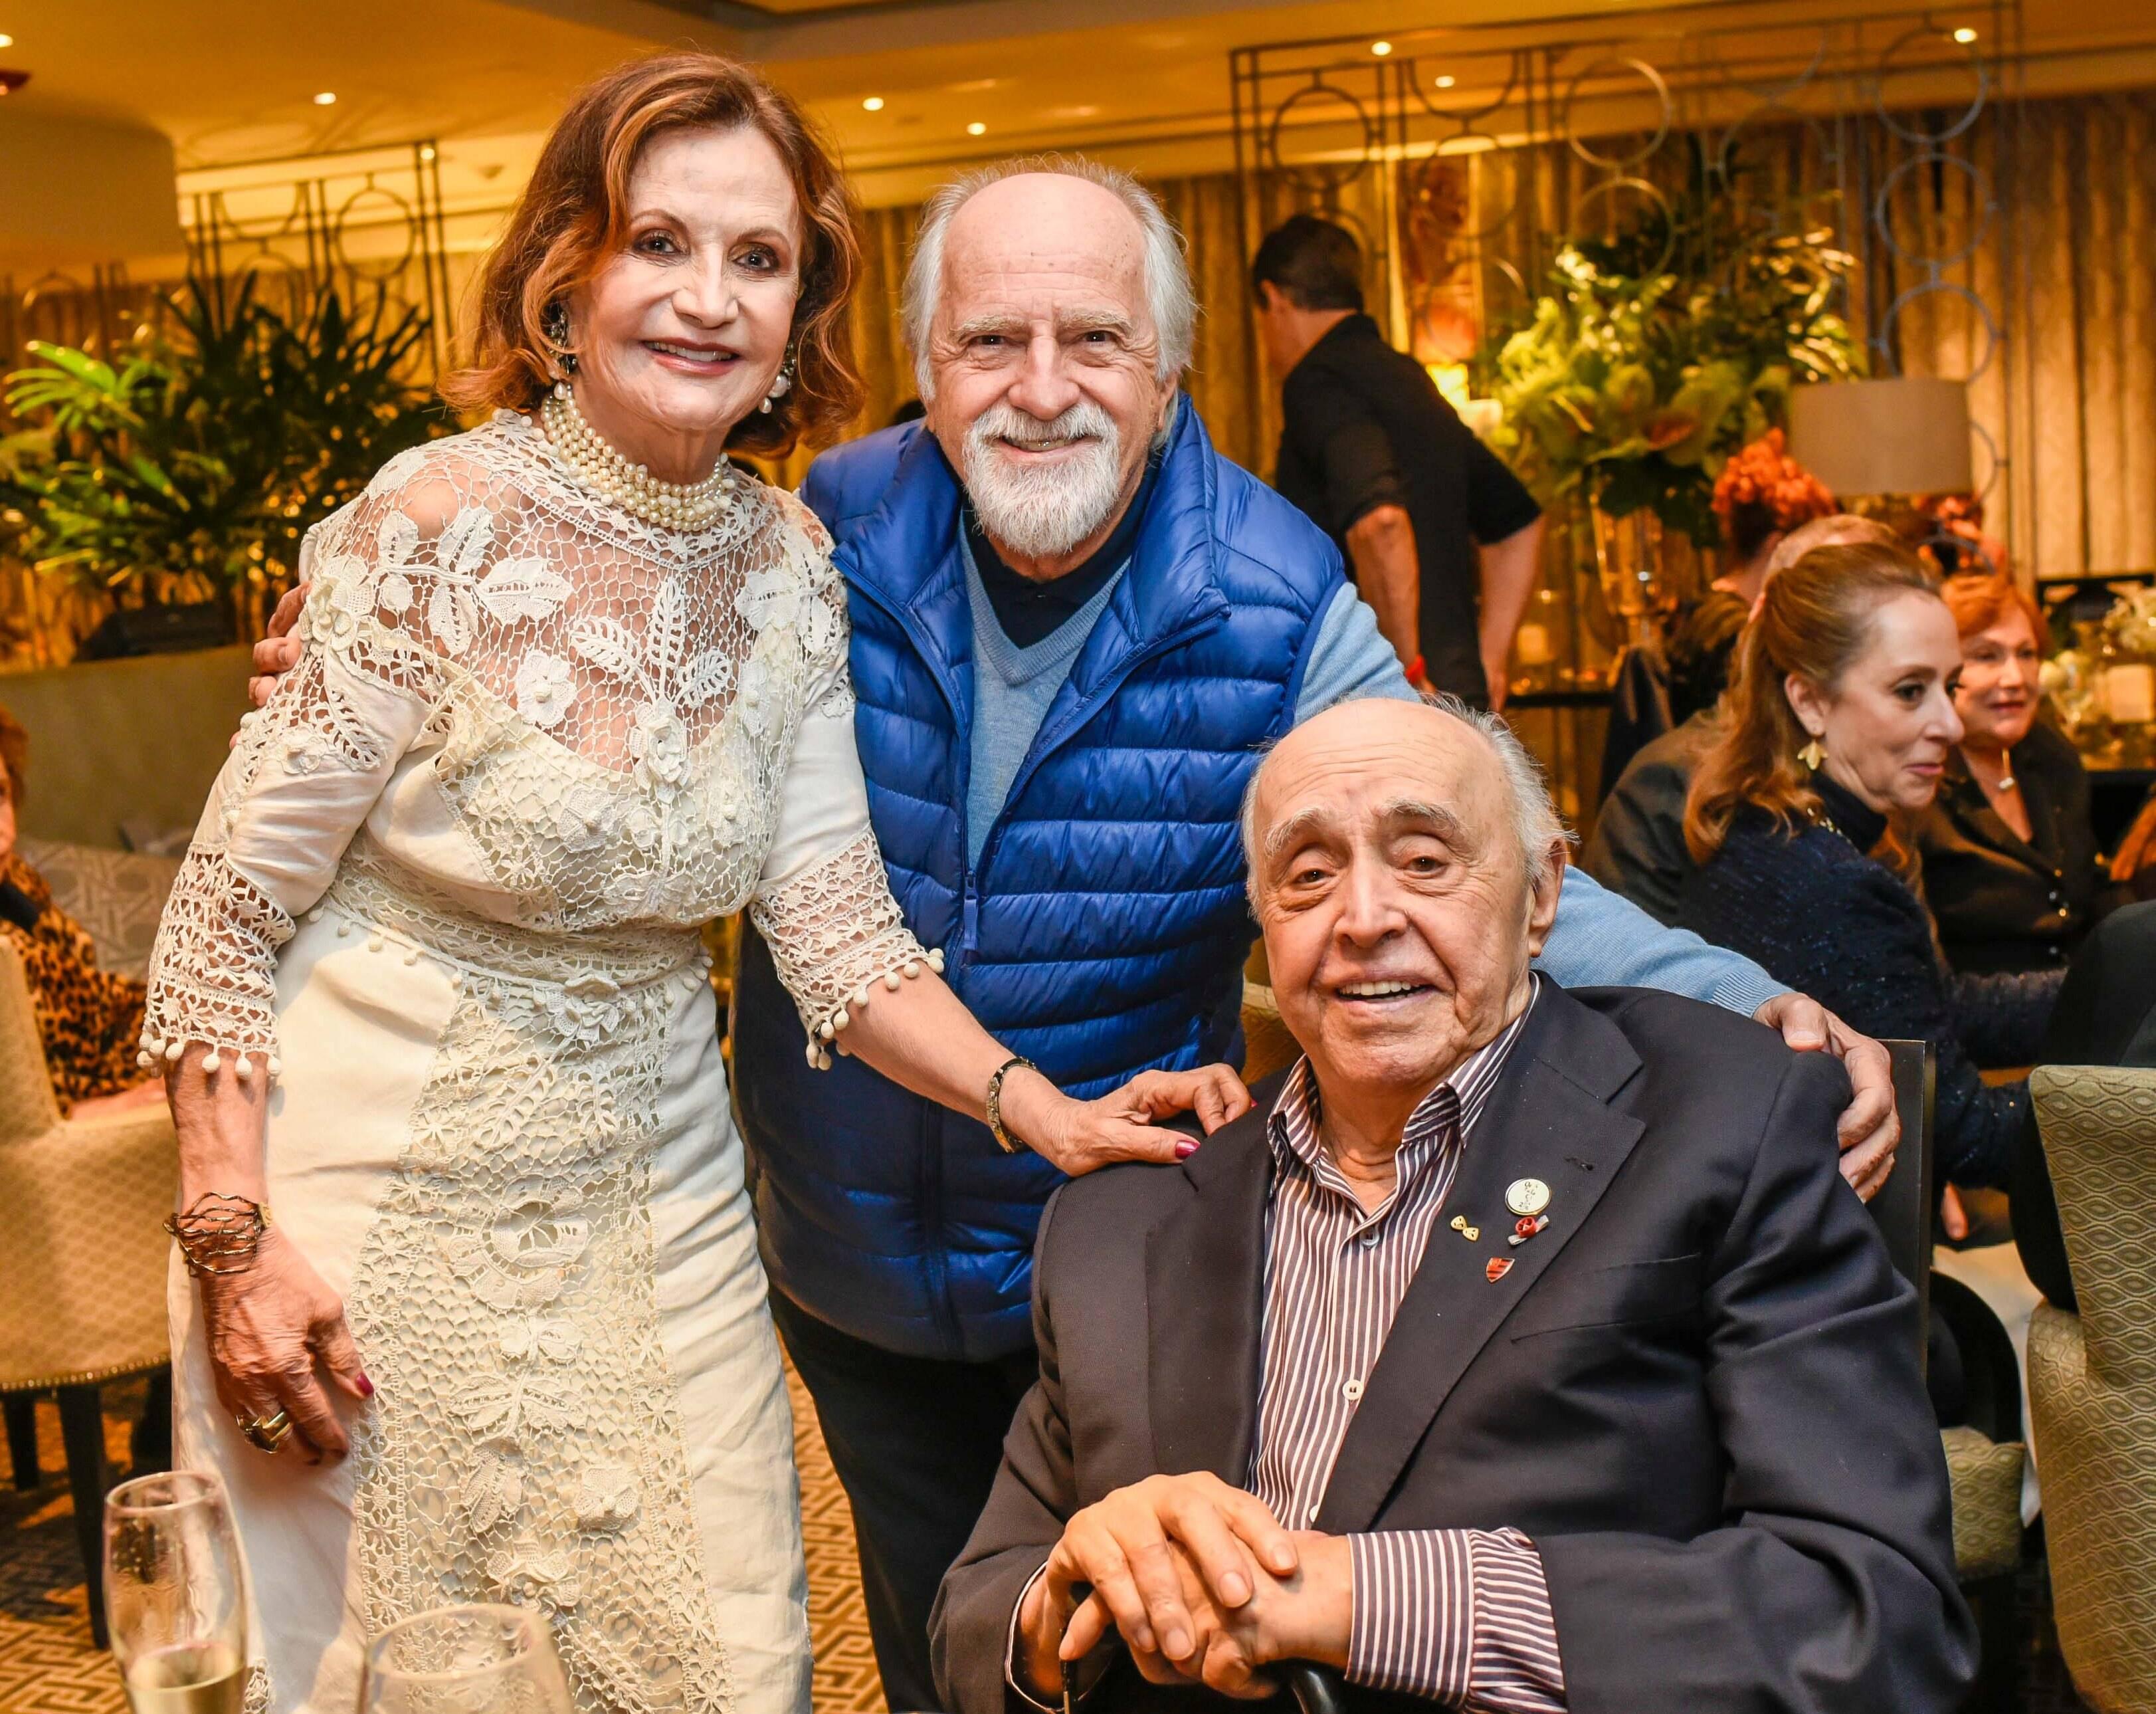 Rosamaria Murtinho, Ary Fontoura e Mauro Menonça / Foto:  Mariama Prieto